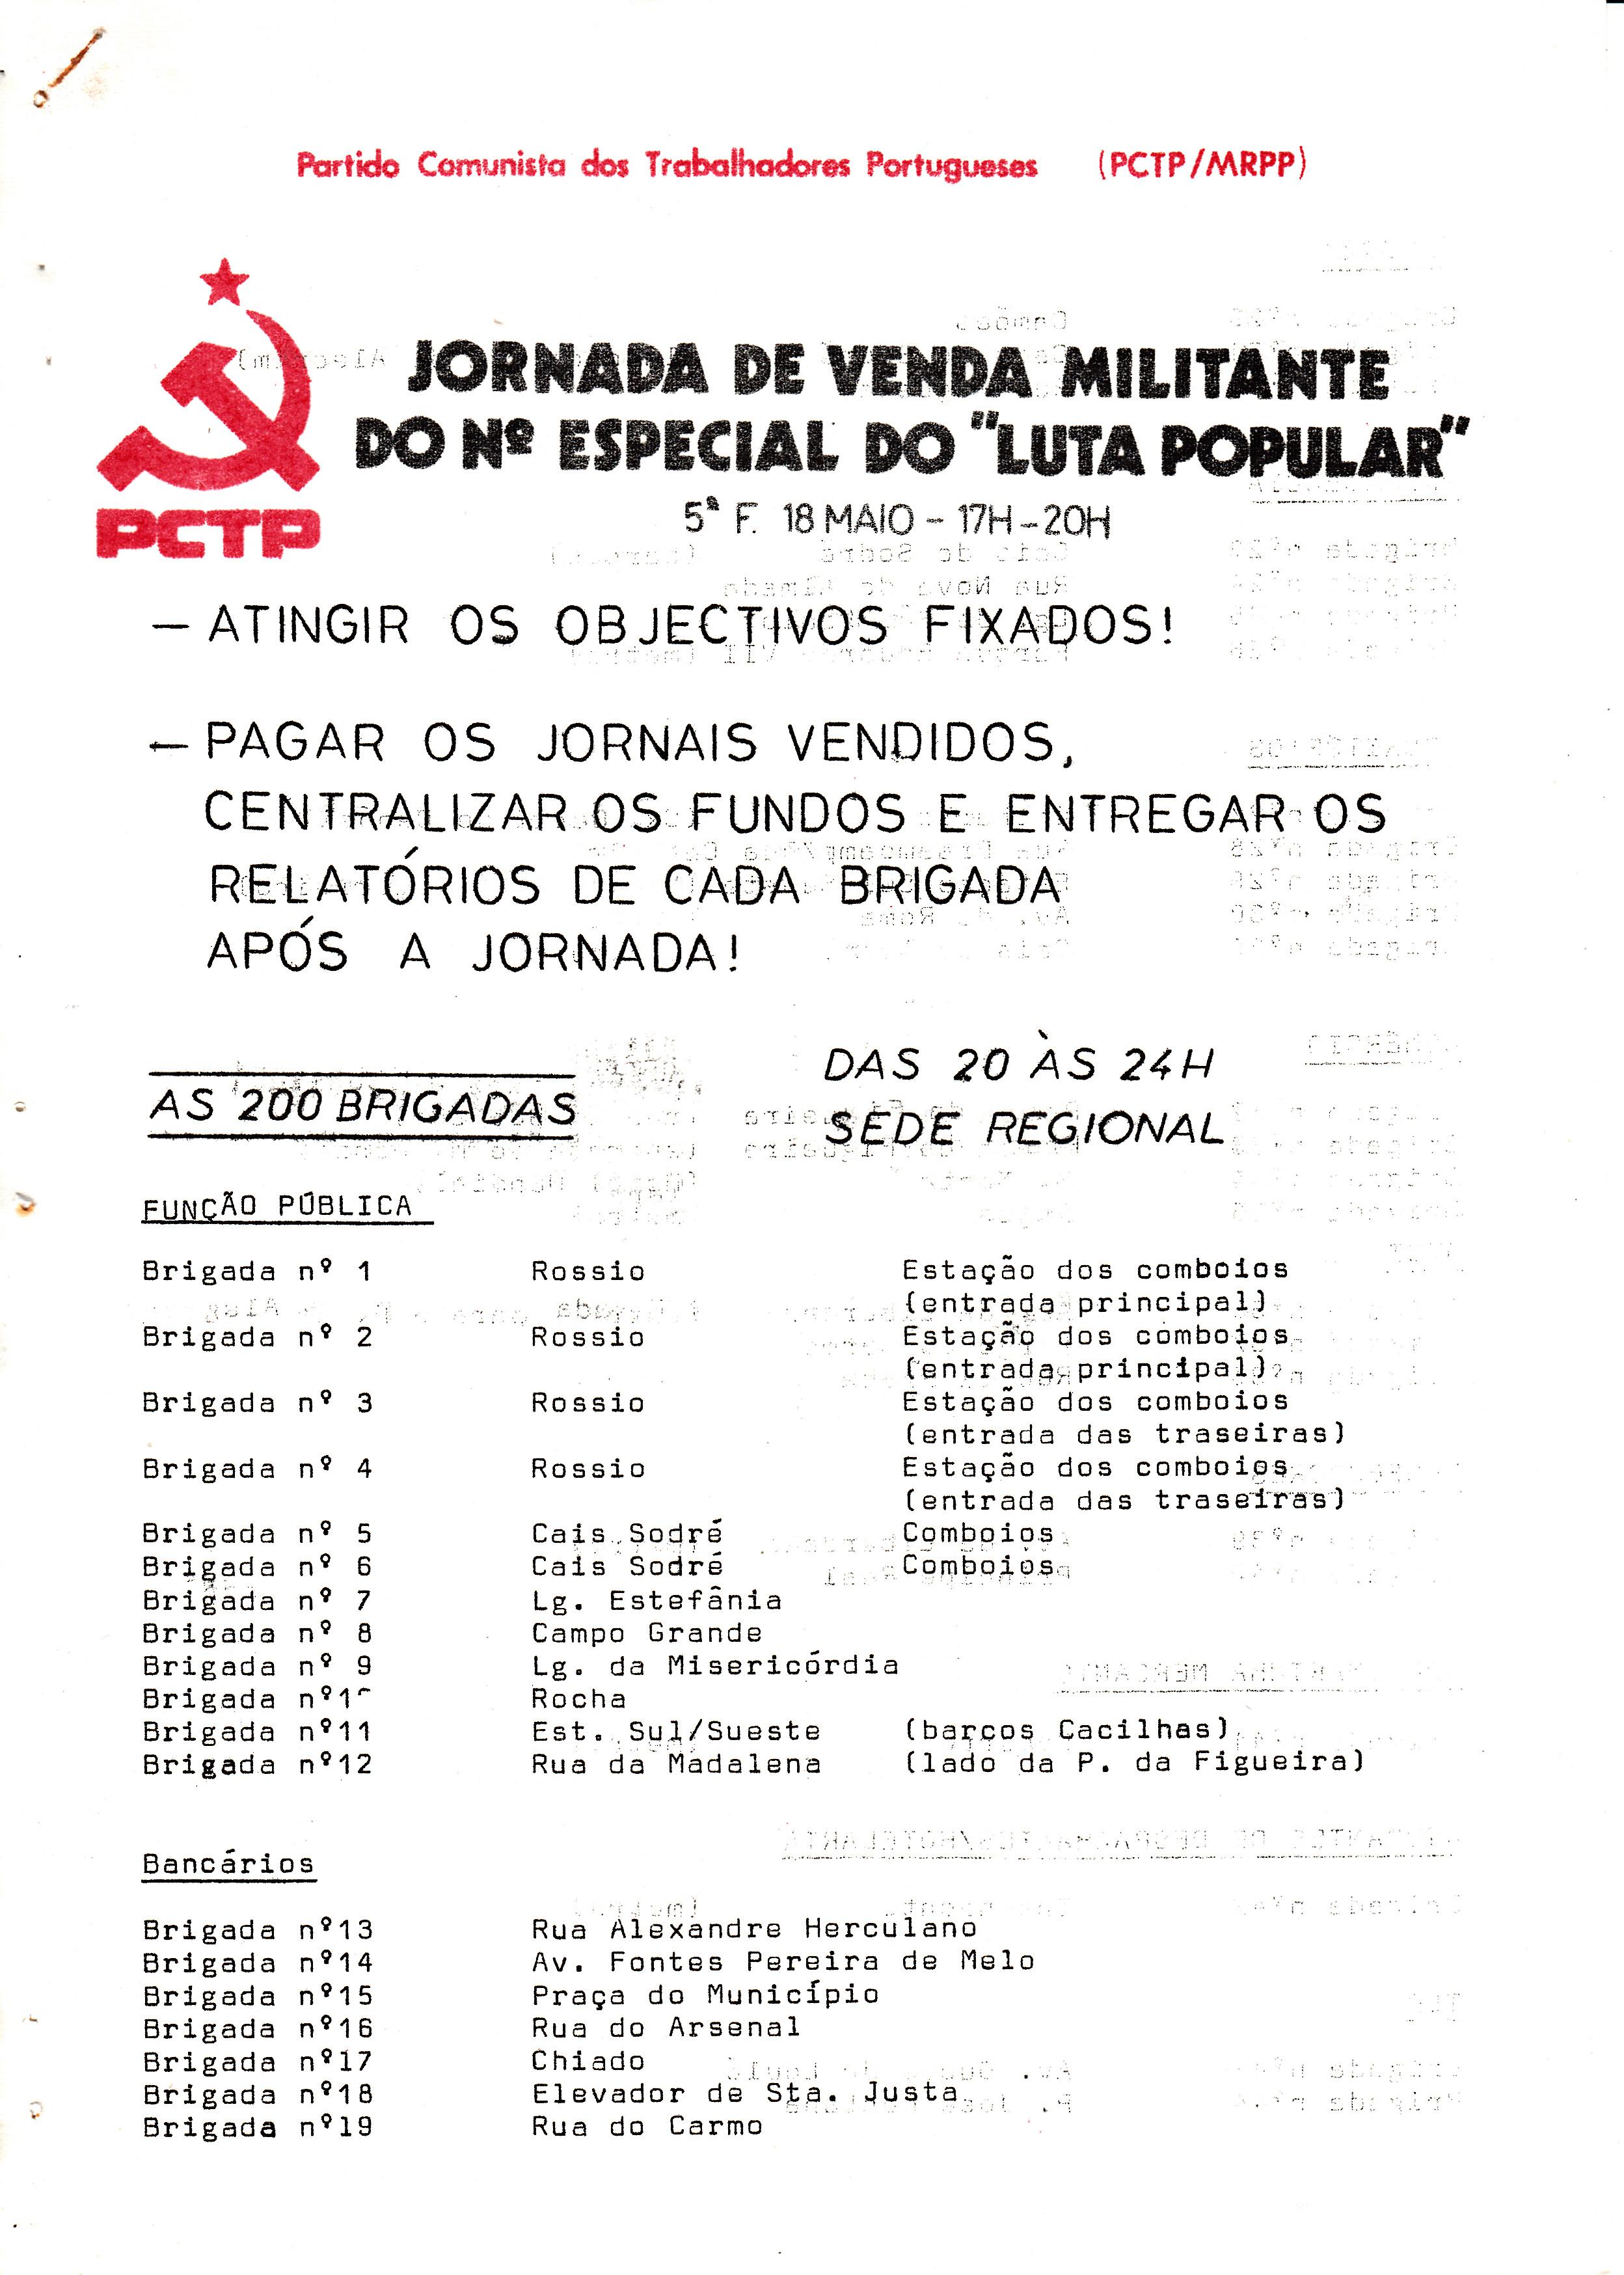 MRPP_1978_05_18